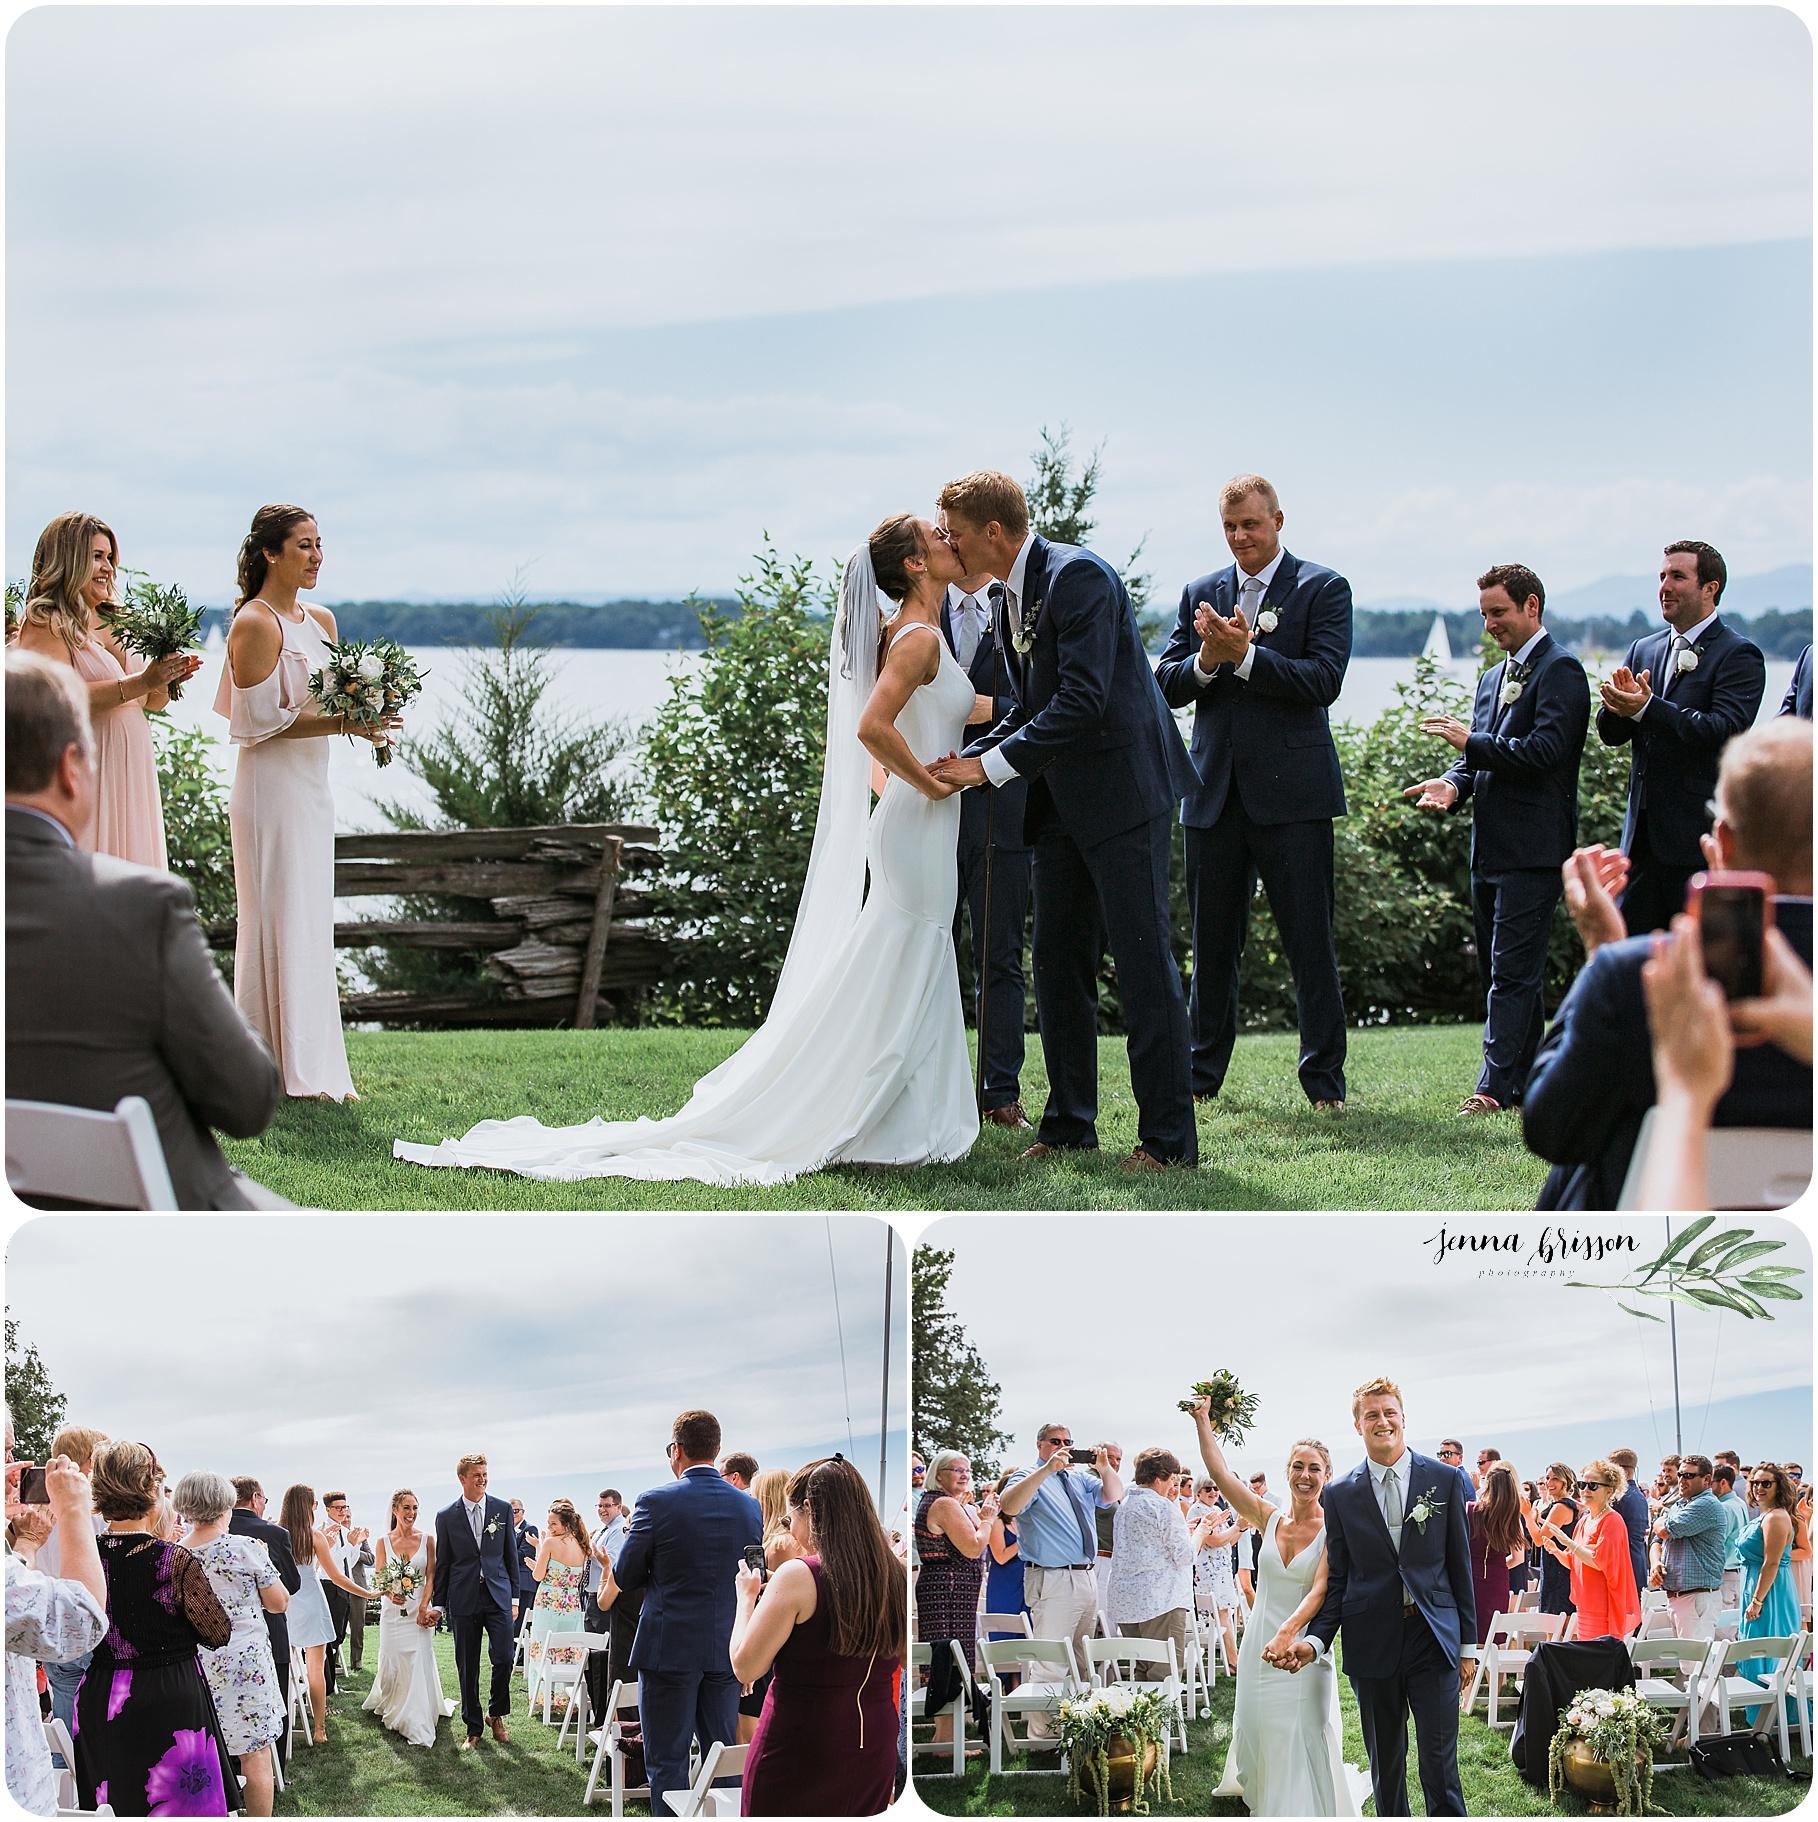 Vermont Wedding Photography - Jenna Brisson - Ferry Watch Inn, Vermont